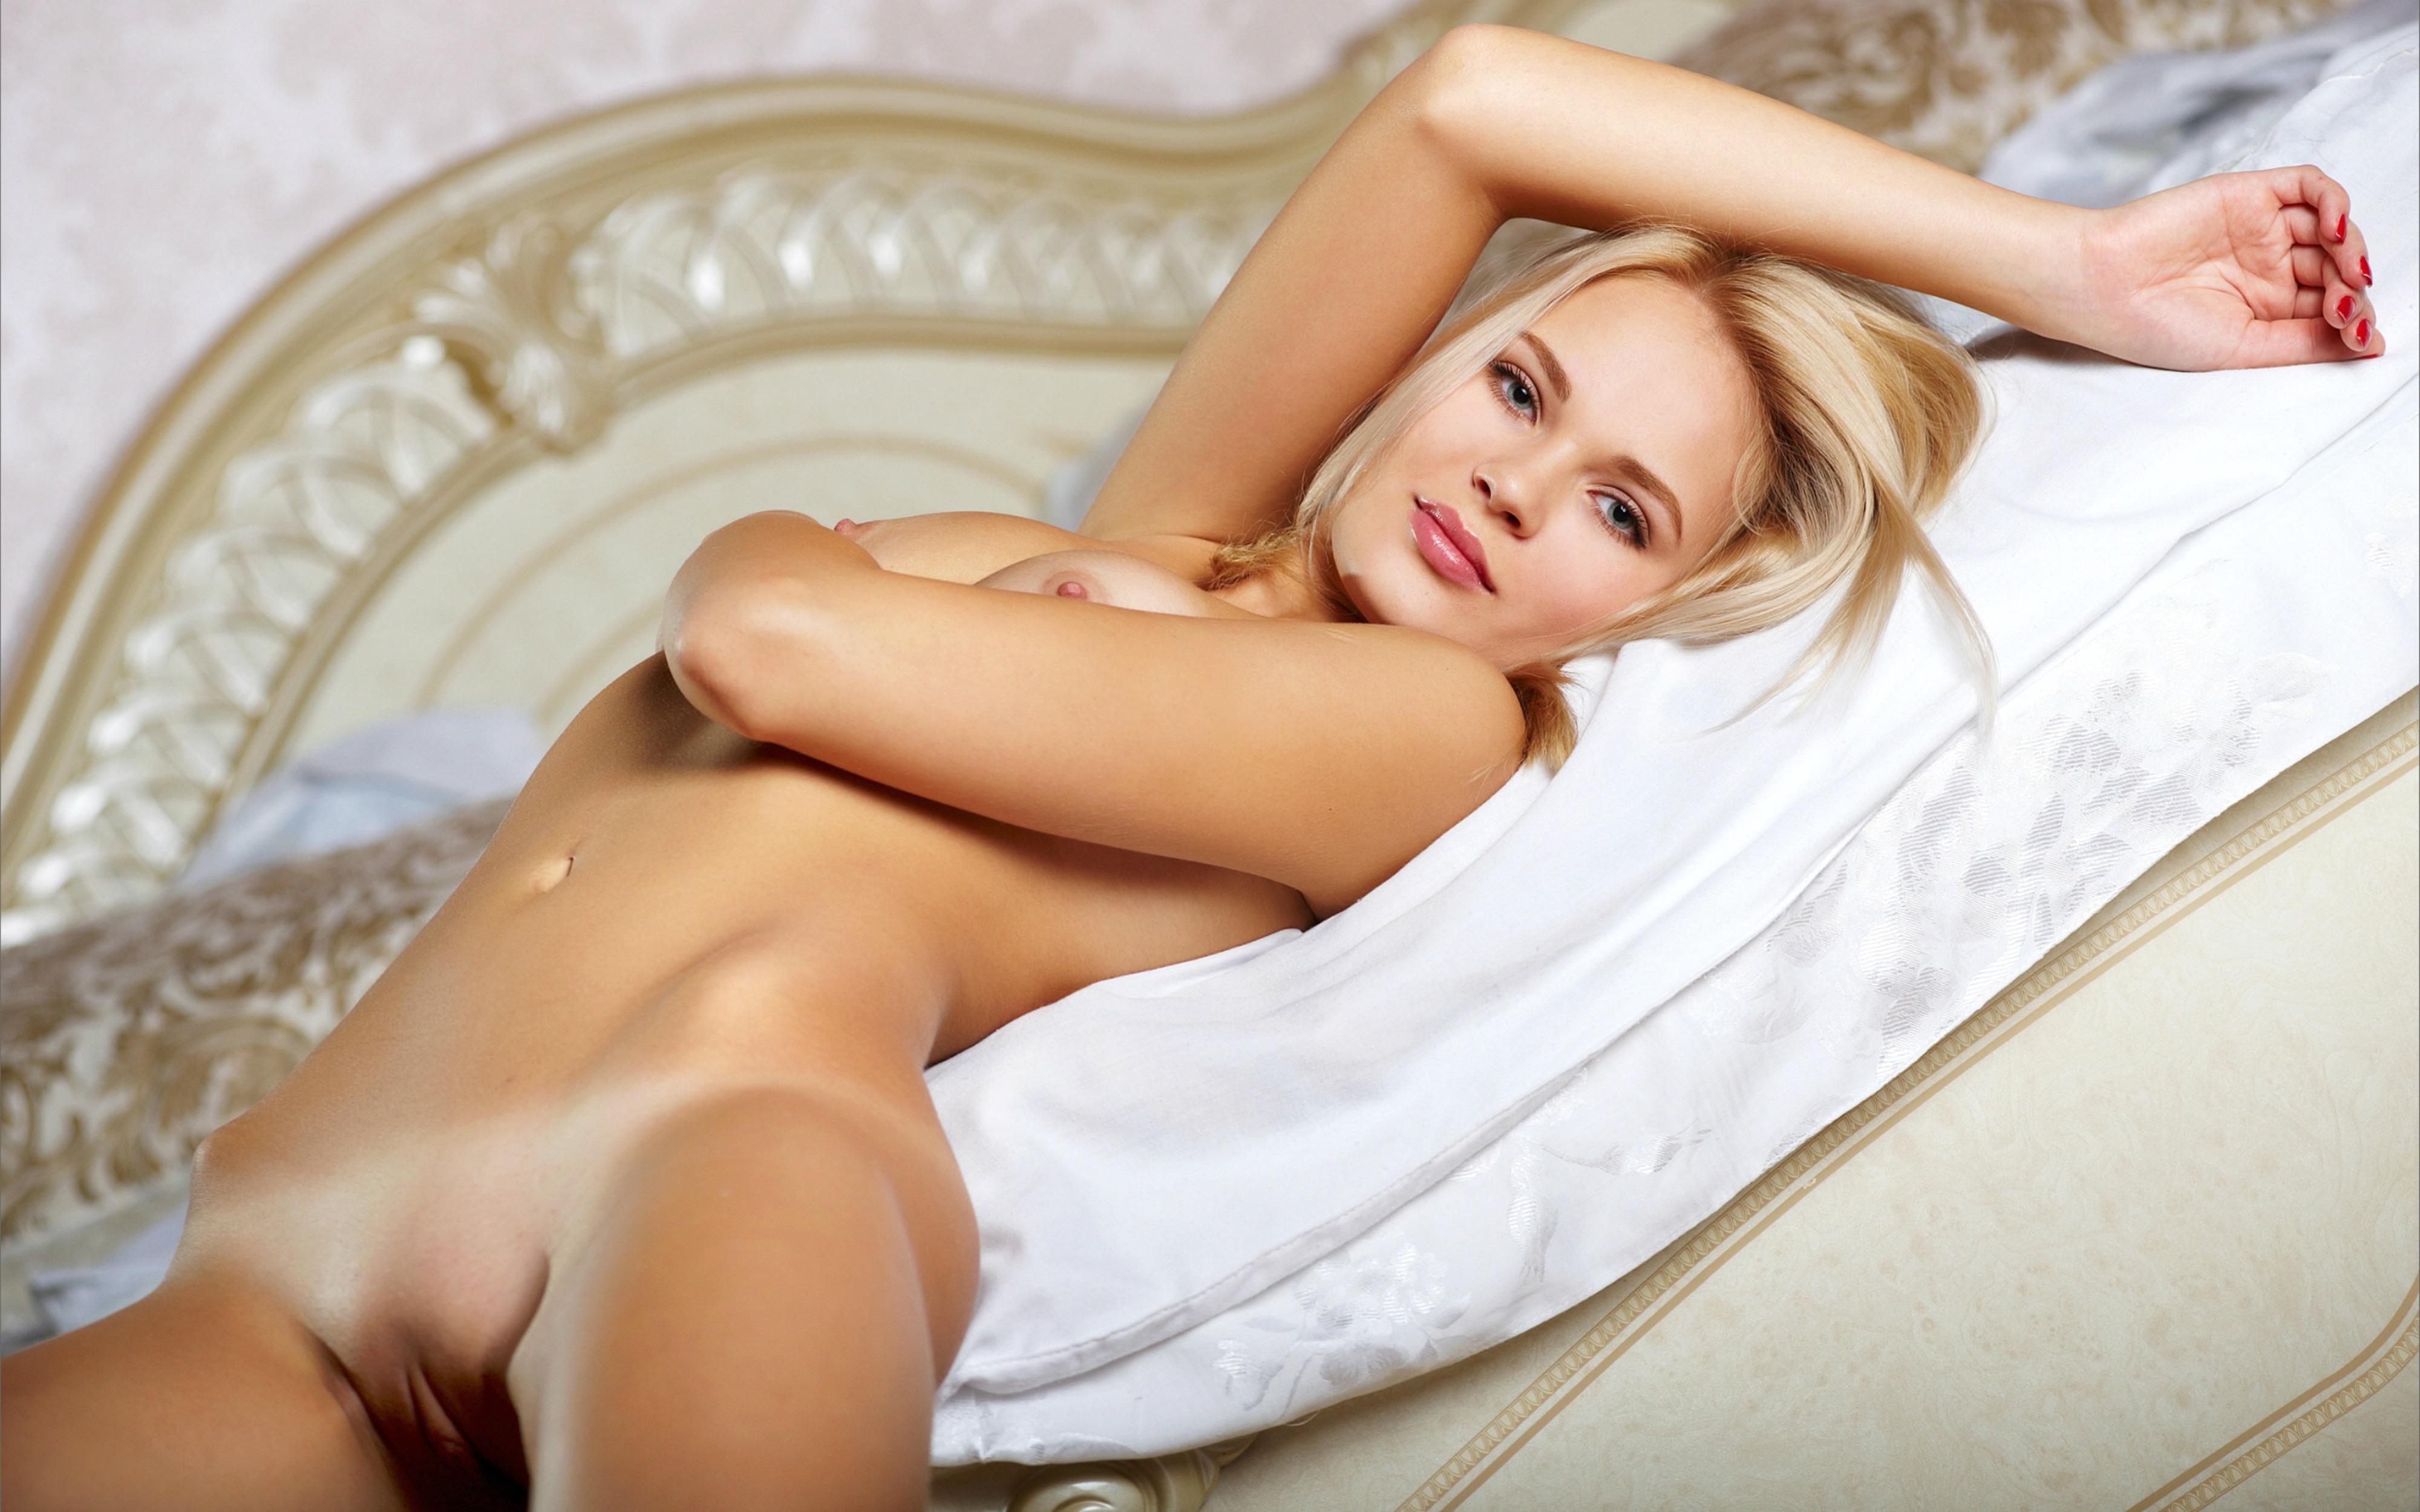 Thalia high quality nude photos